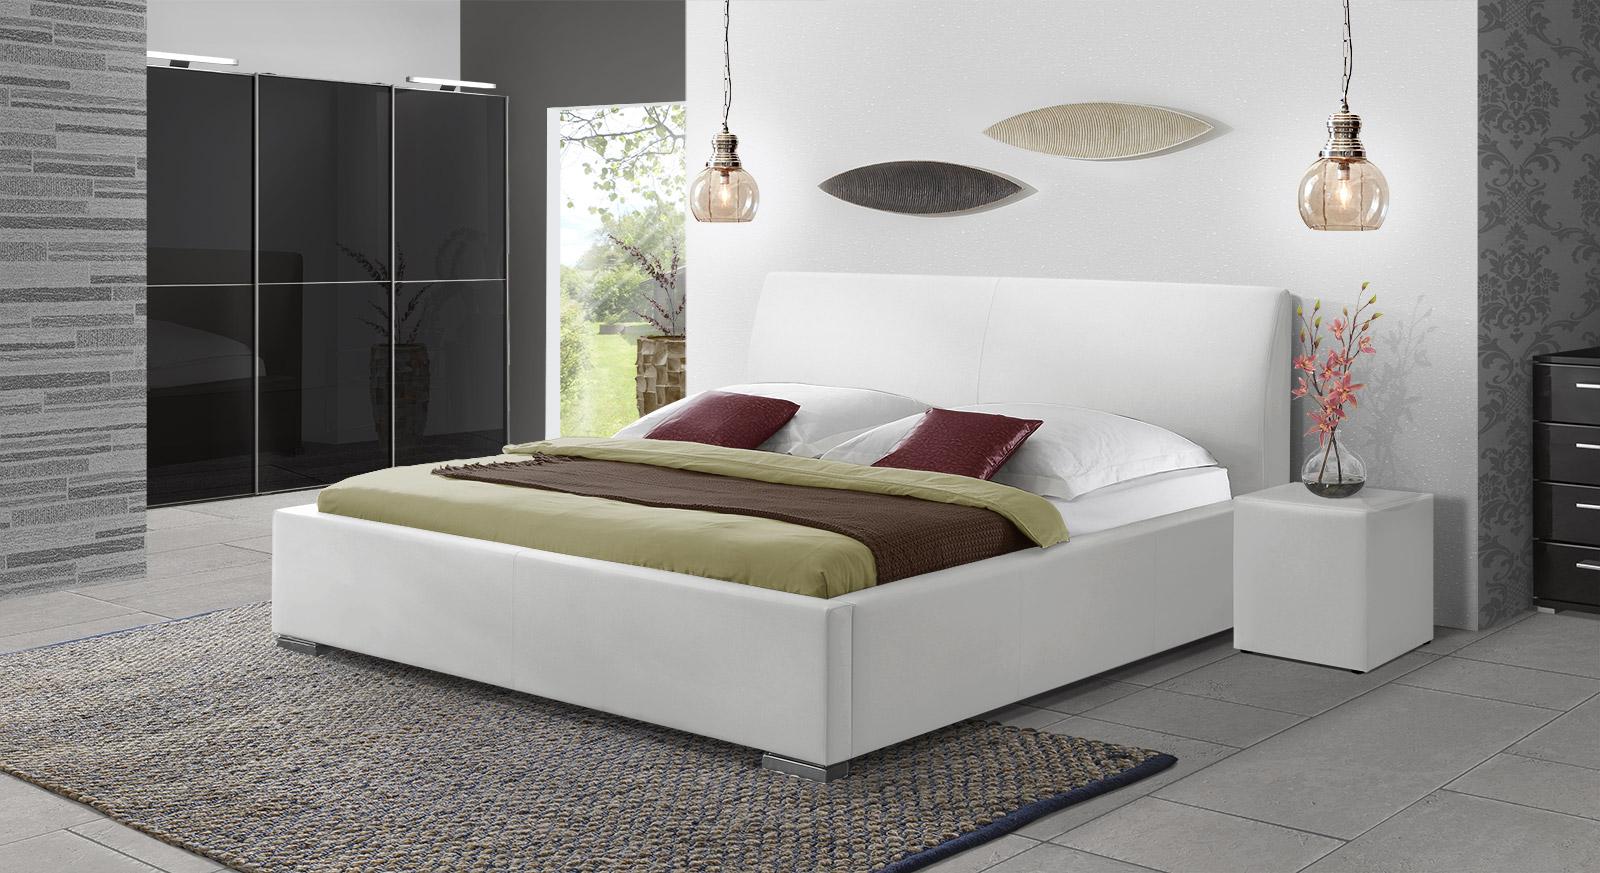 Polsterbett Firenze Comfort in weißem Kunstleder